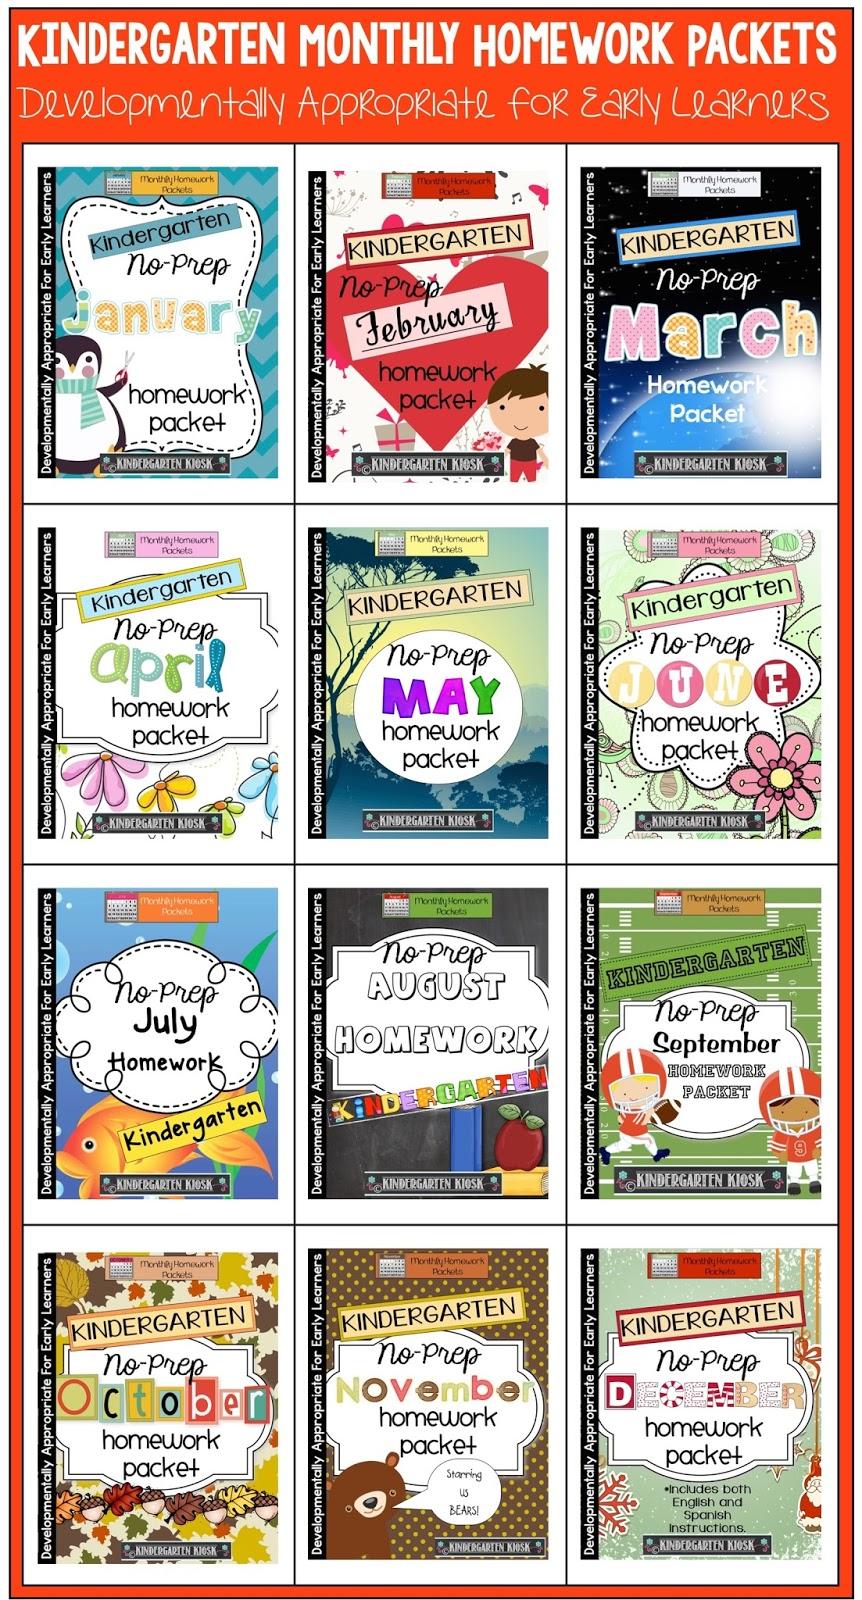 Monthly Calendar Homework Kindergarten : Kindergarten kiosk monthly homework packets